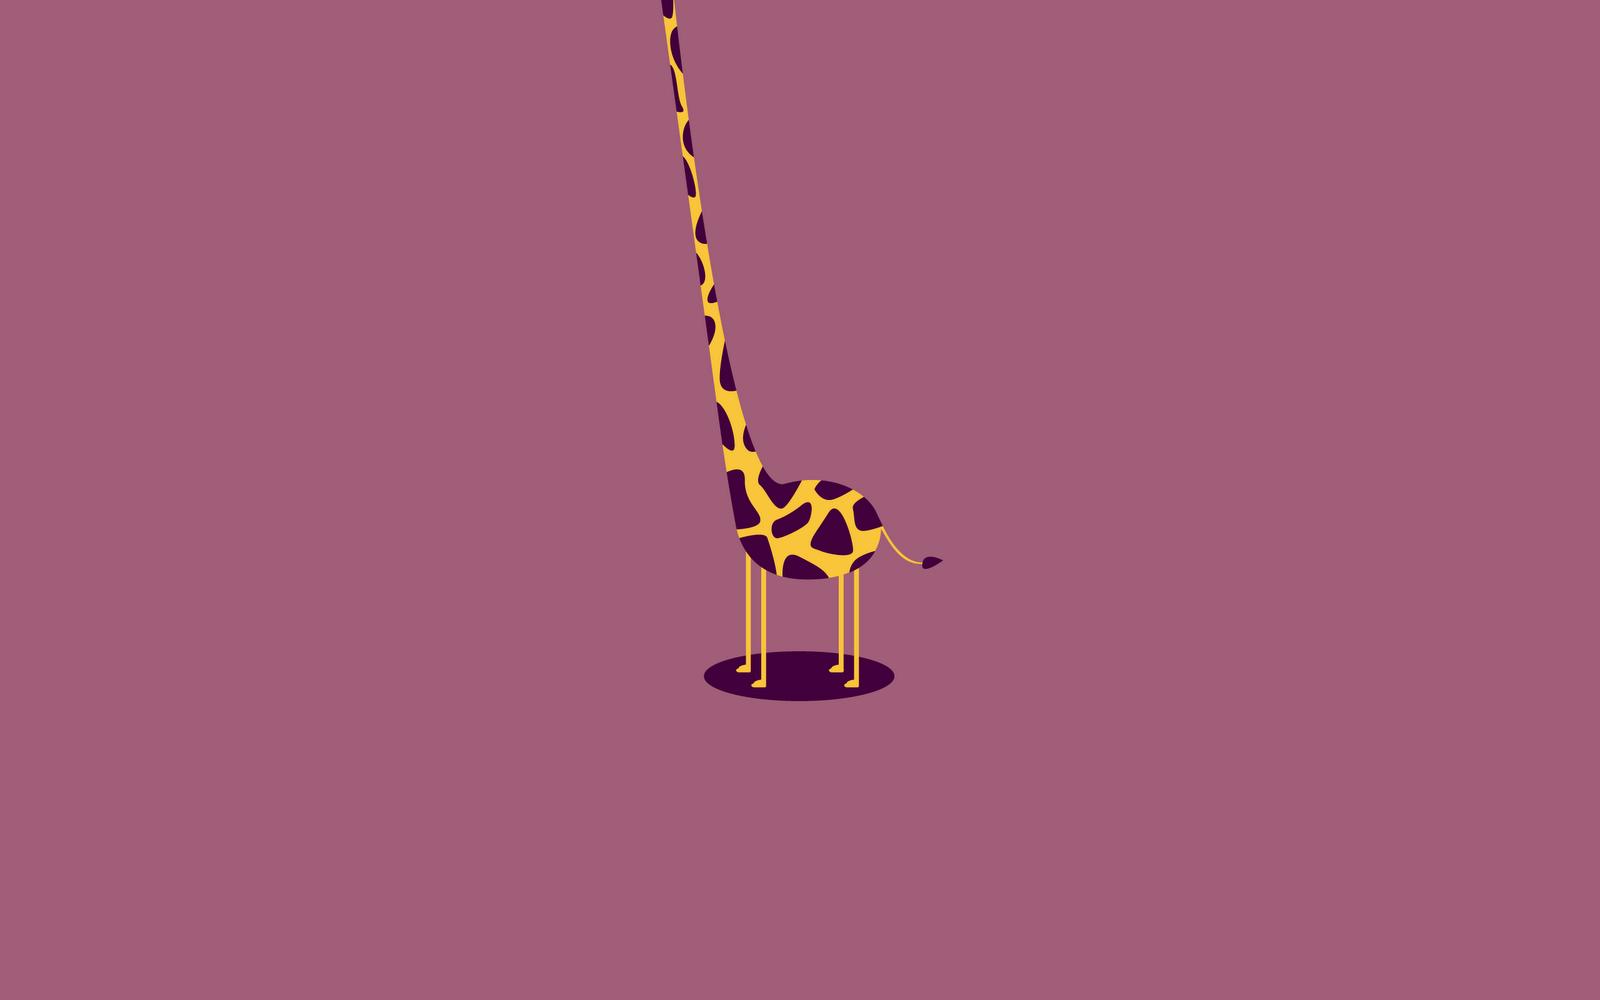 Tumblr Giraffe Backgrounds